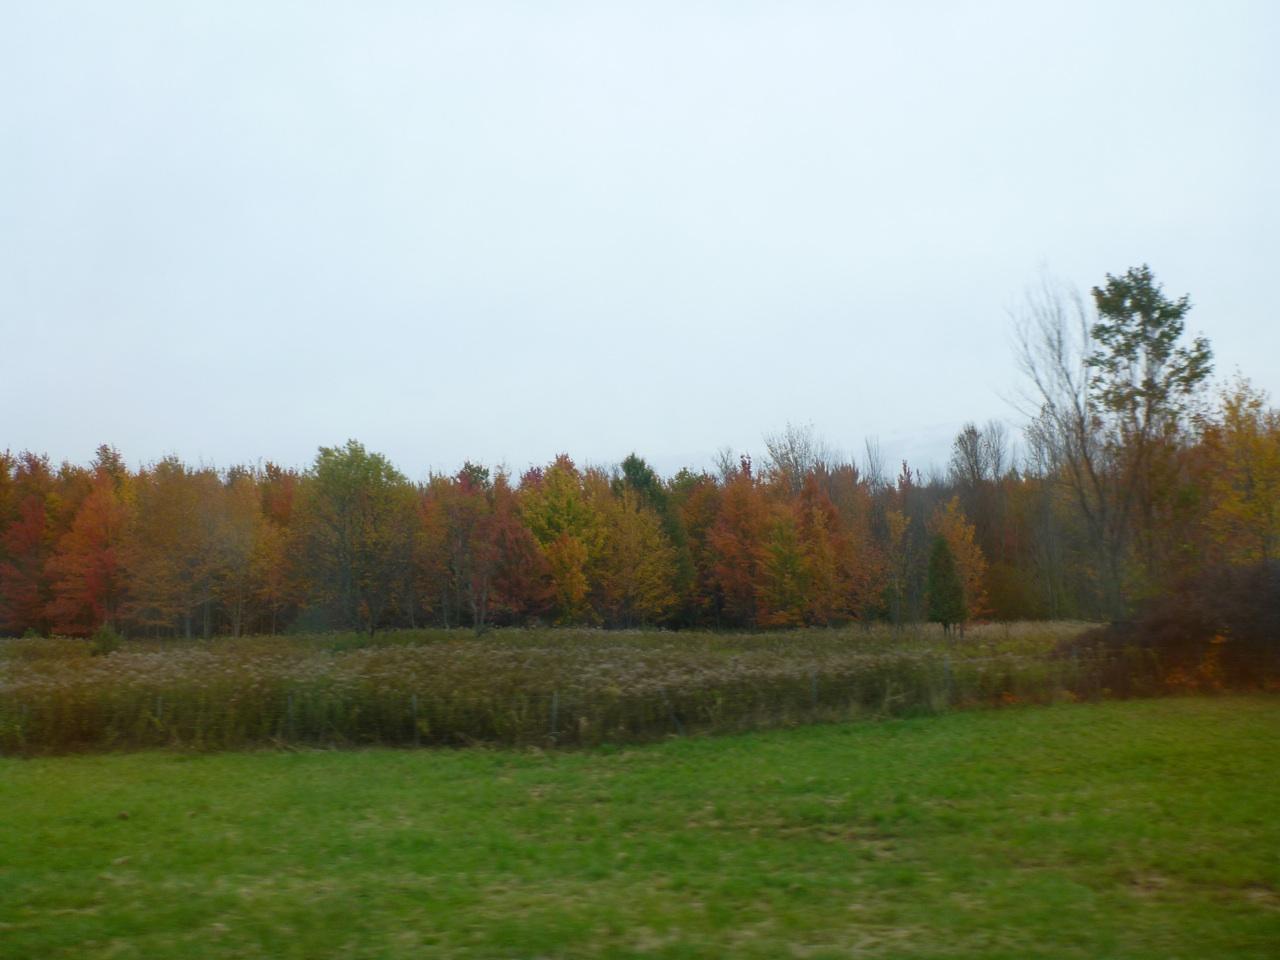 Fall Colors Along The Roadside